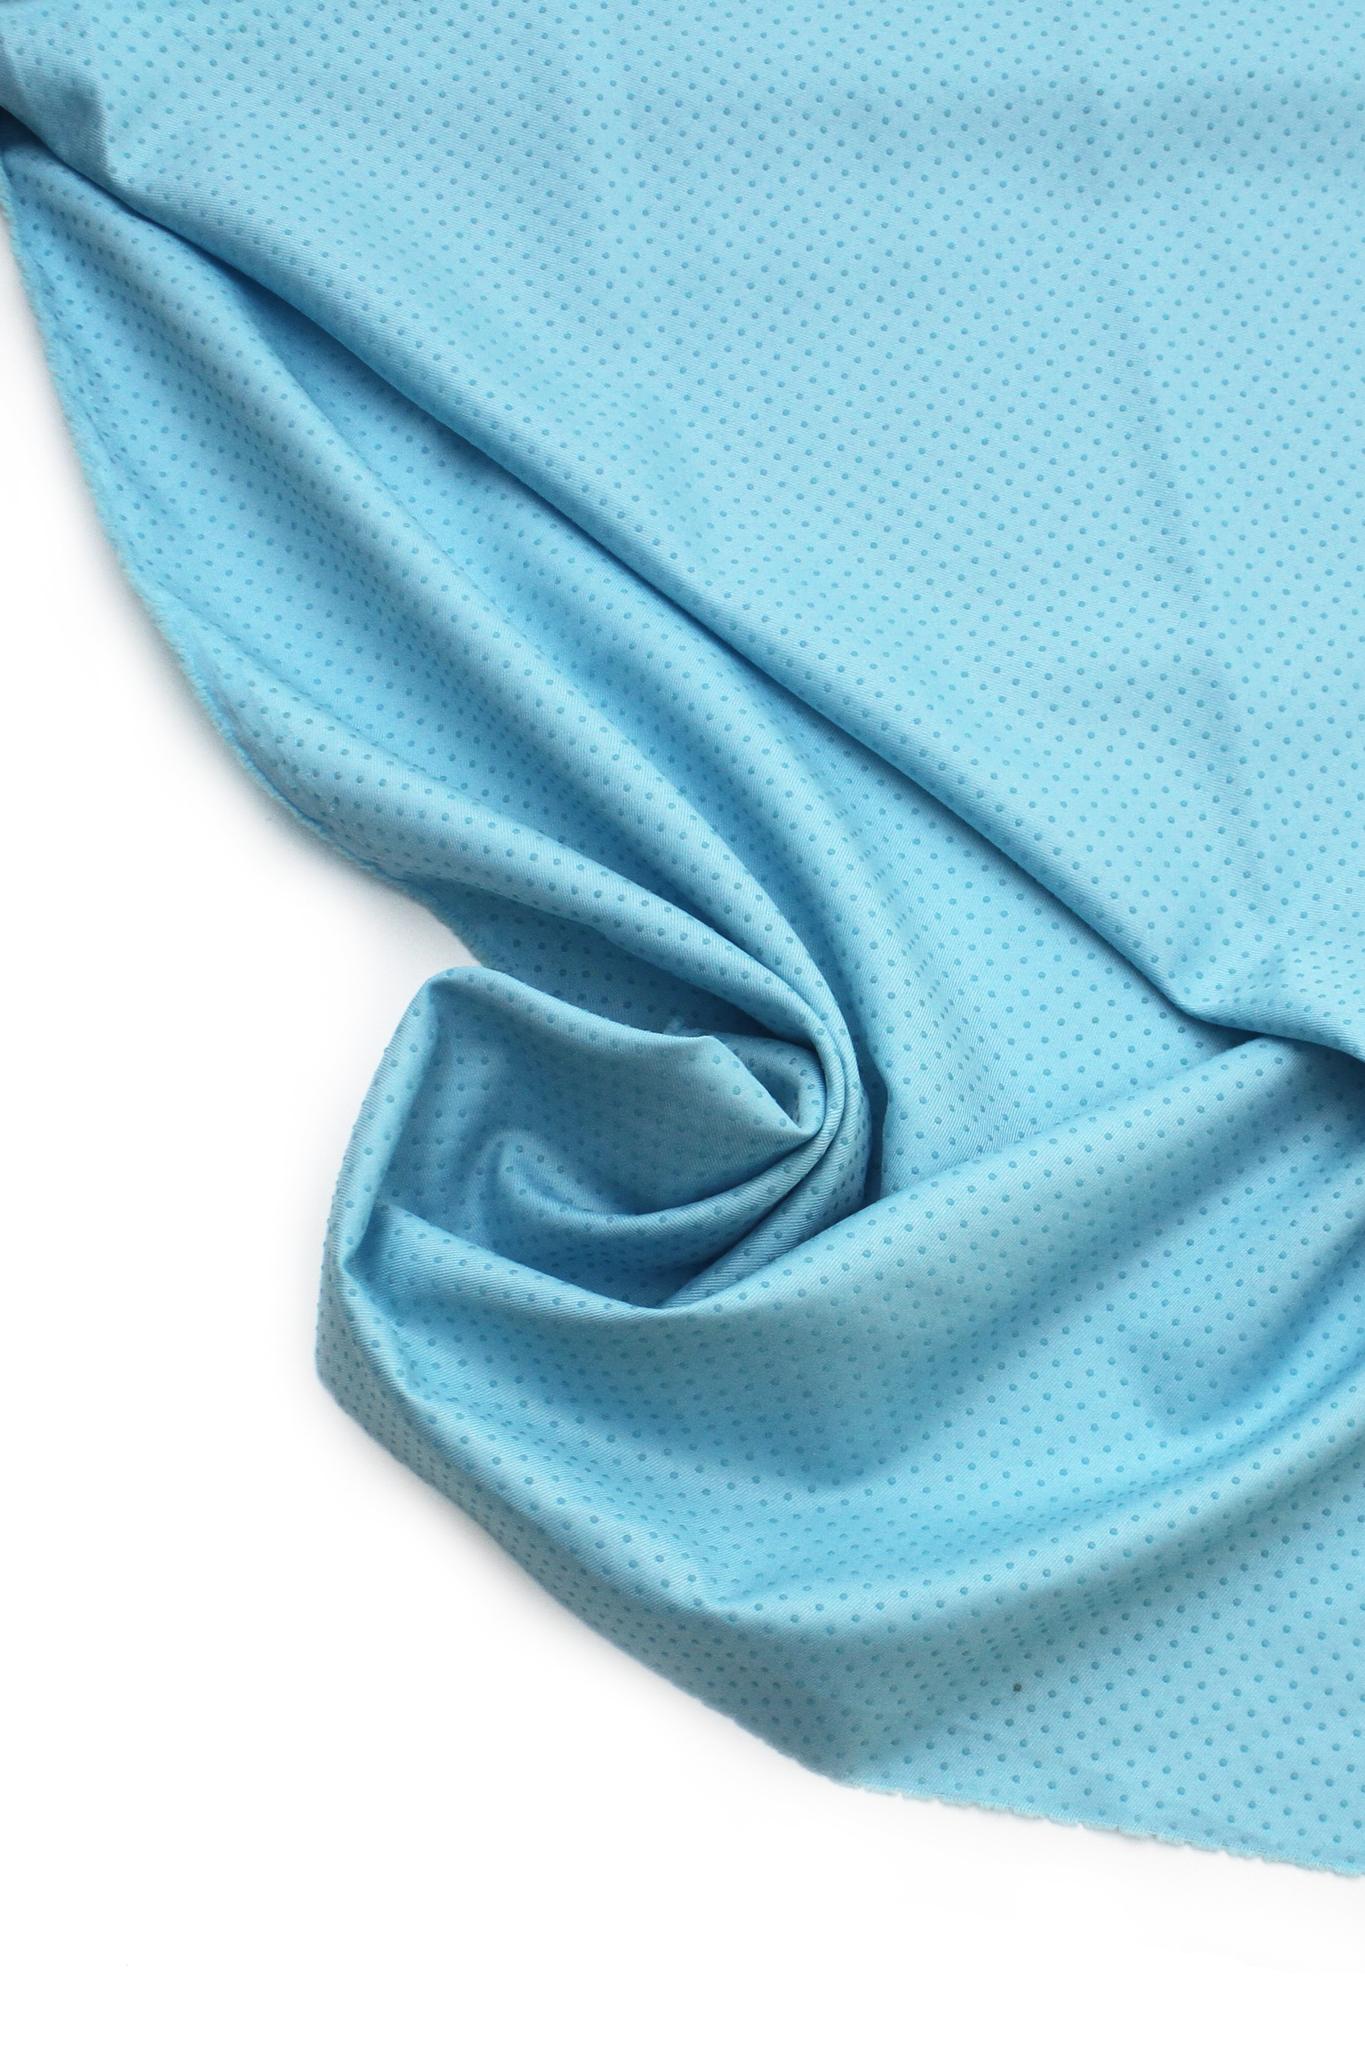 Ткань противоскользящая голубая